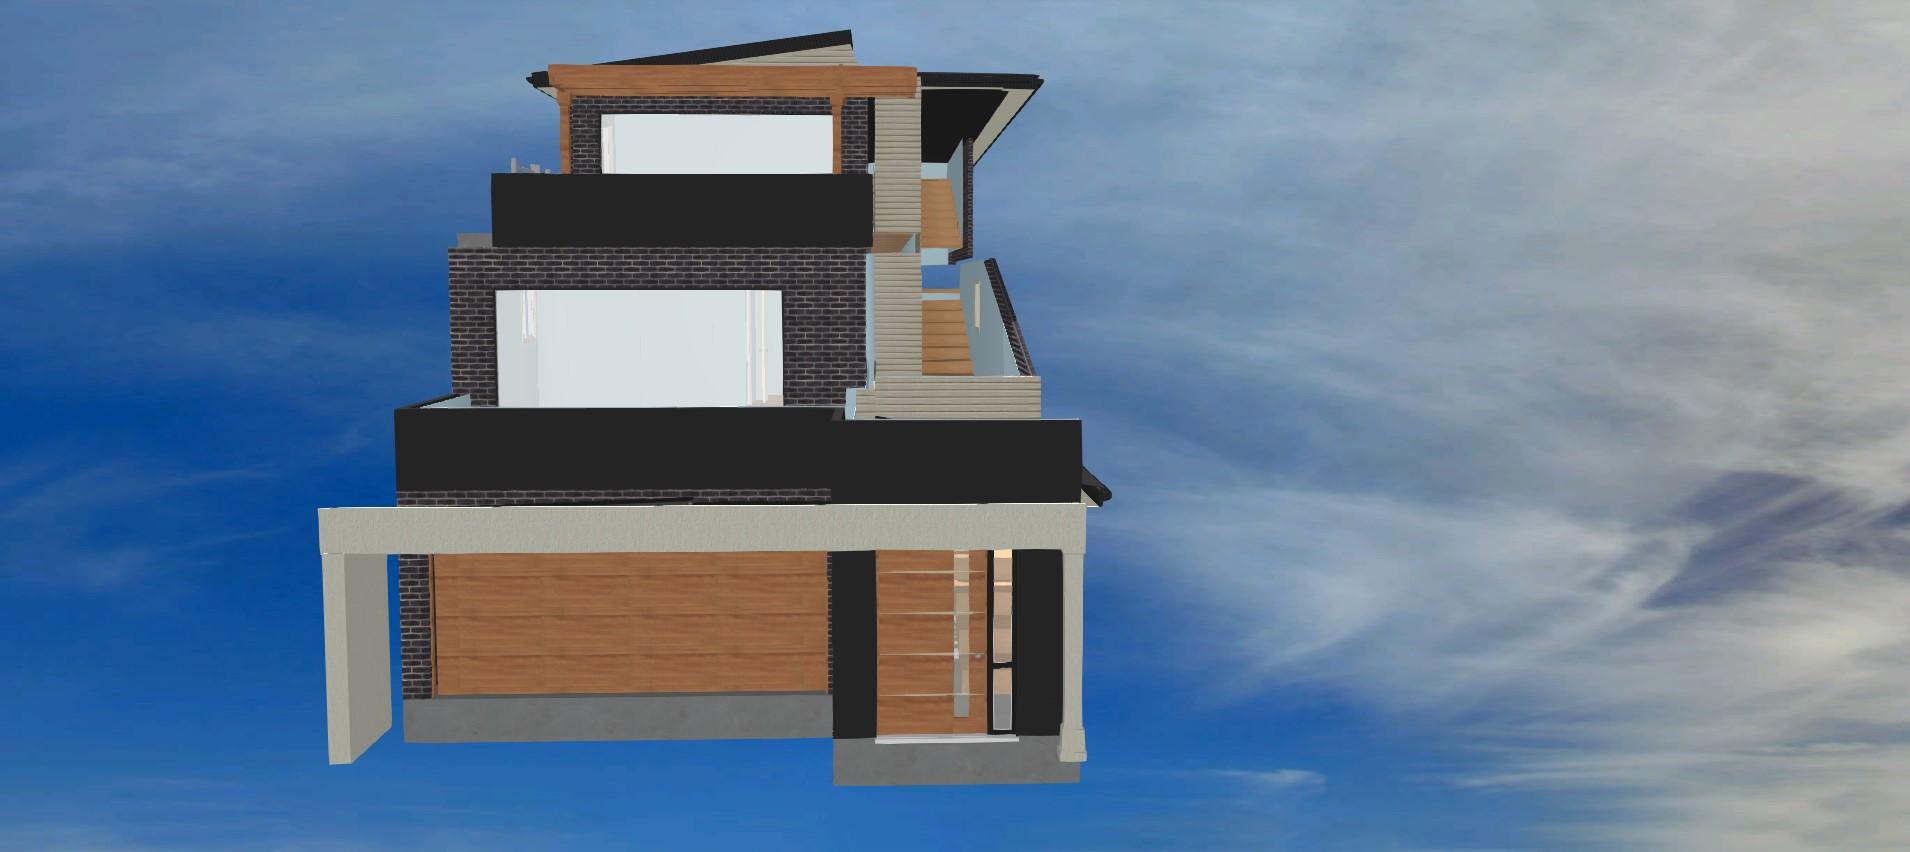 facade+const1d